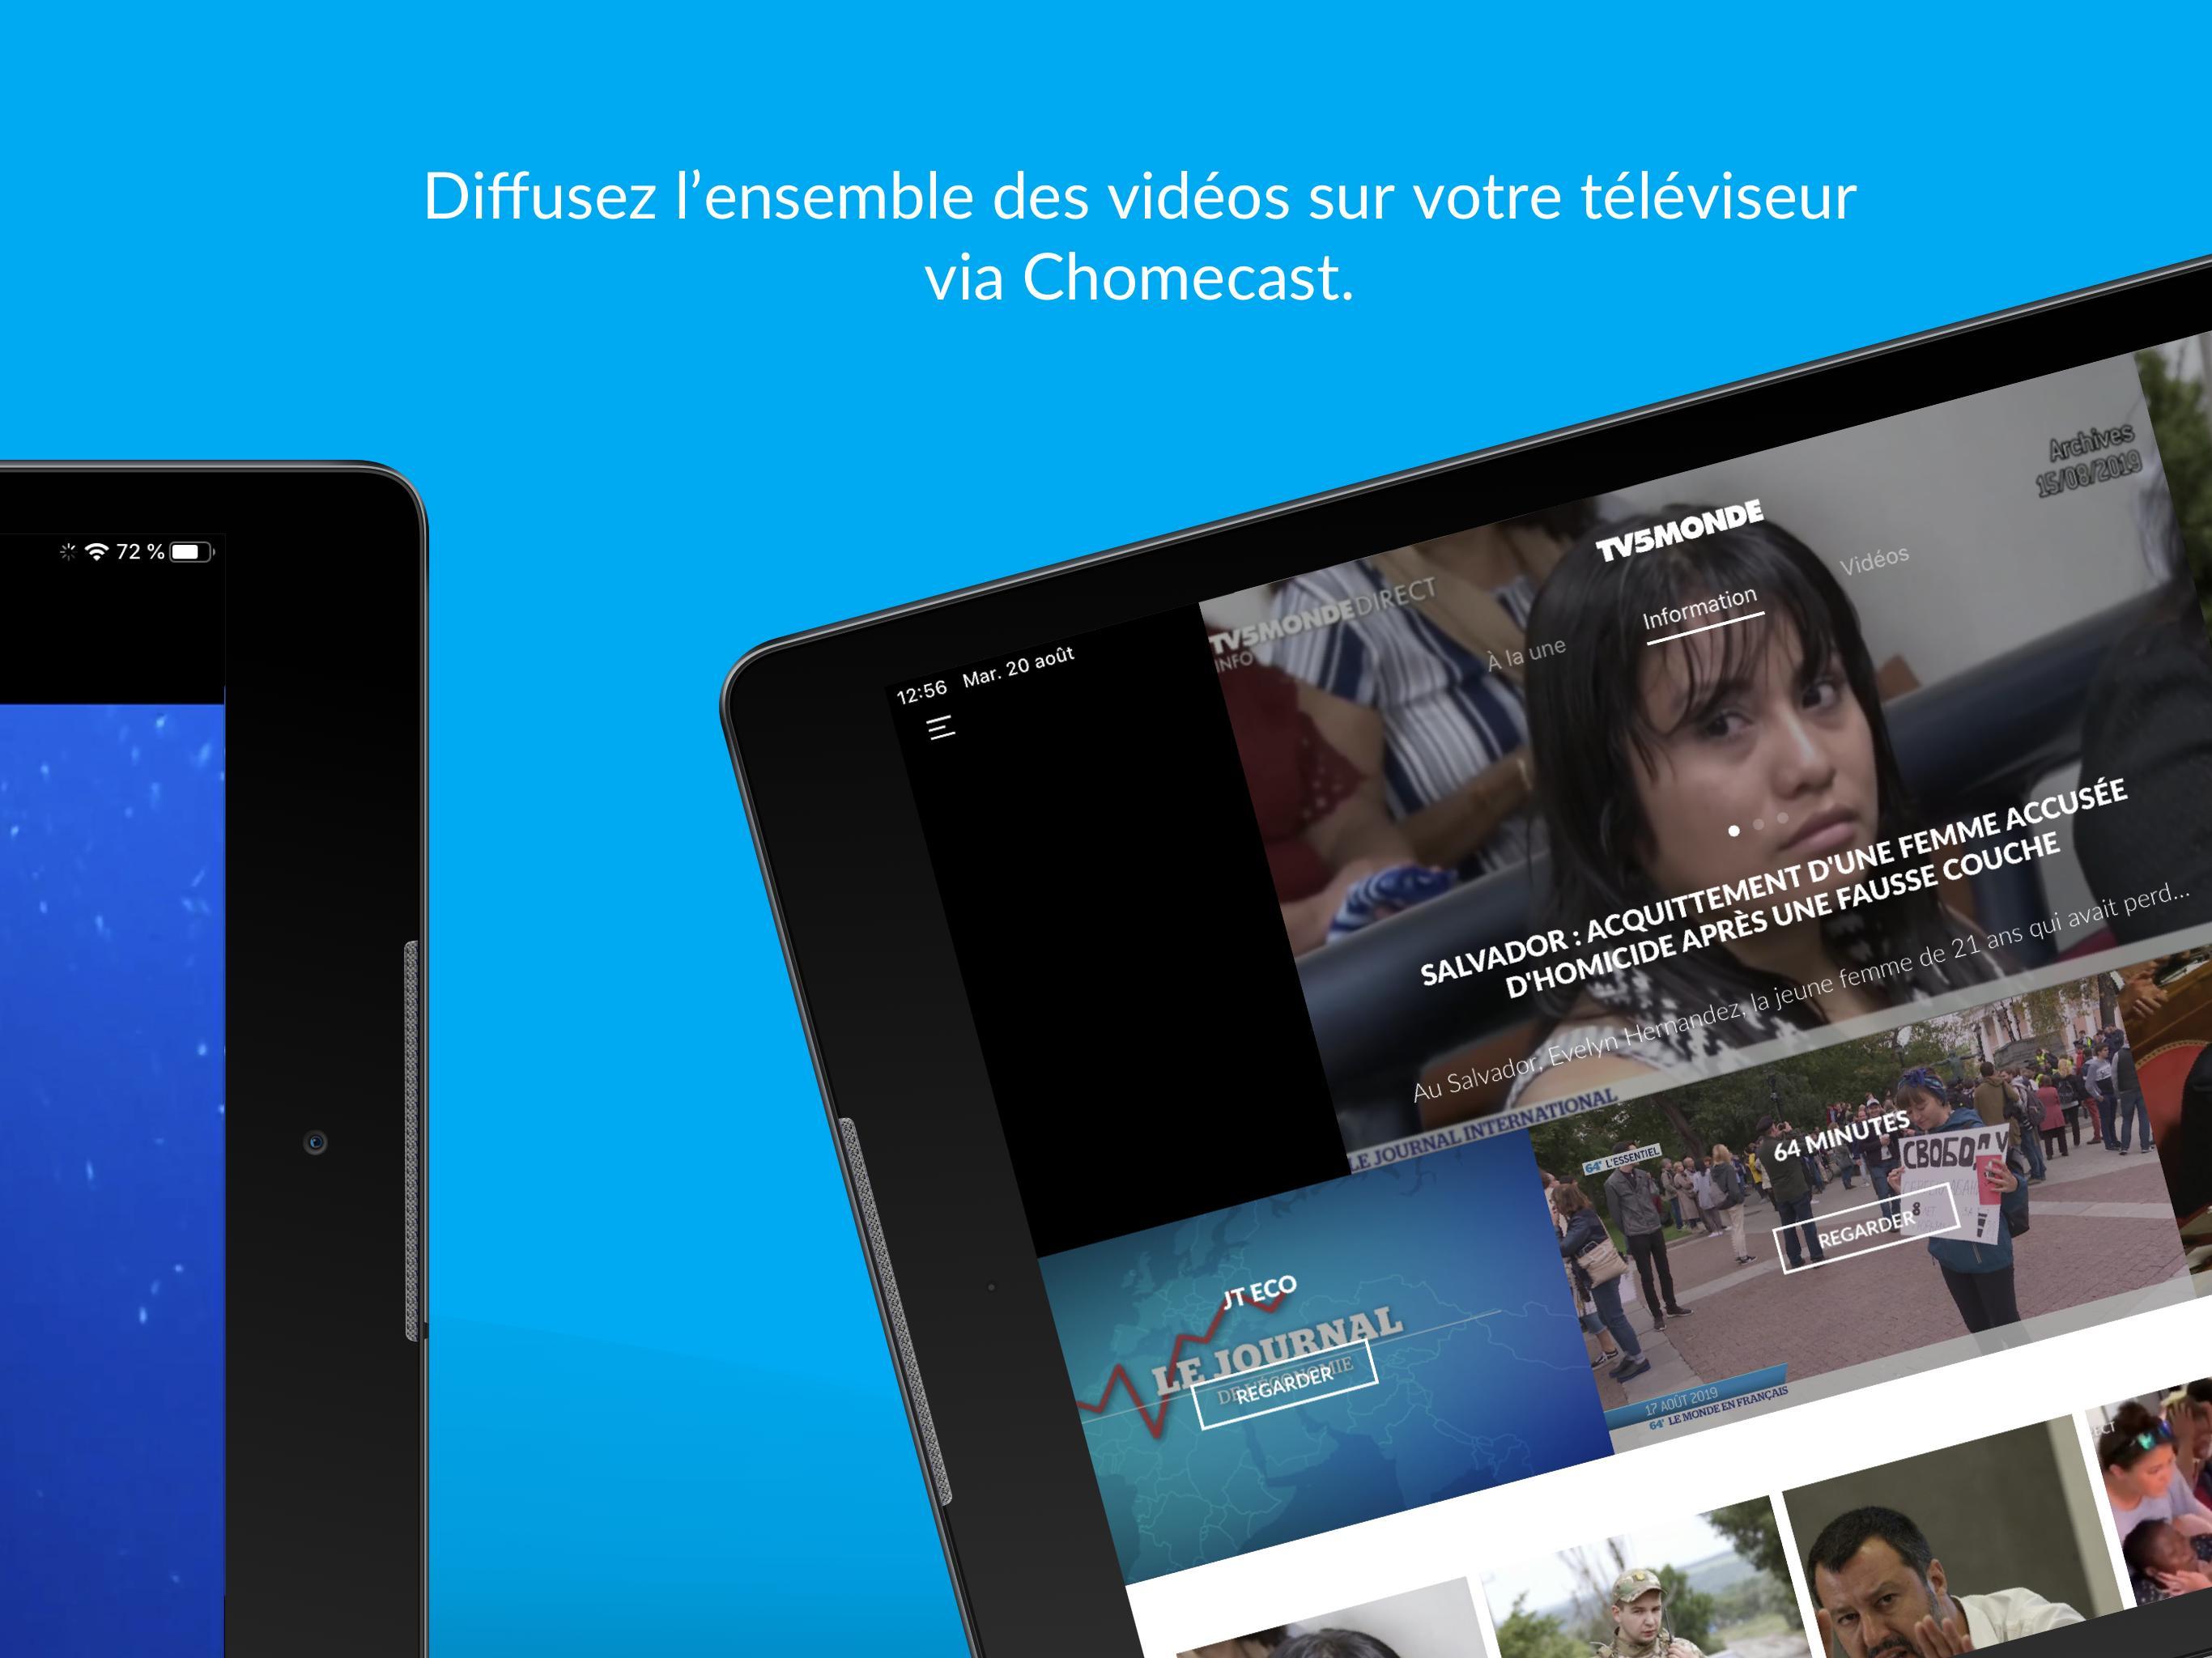 TV5MONDE TCF TÉLÉCHARGER